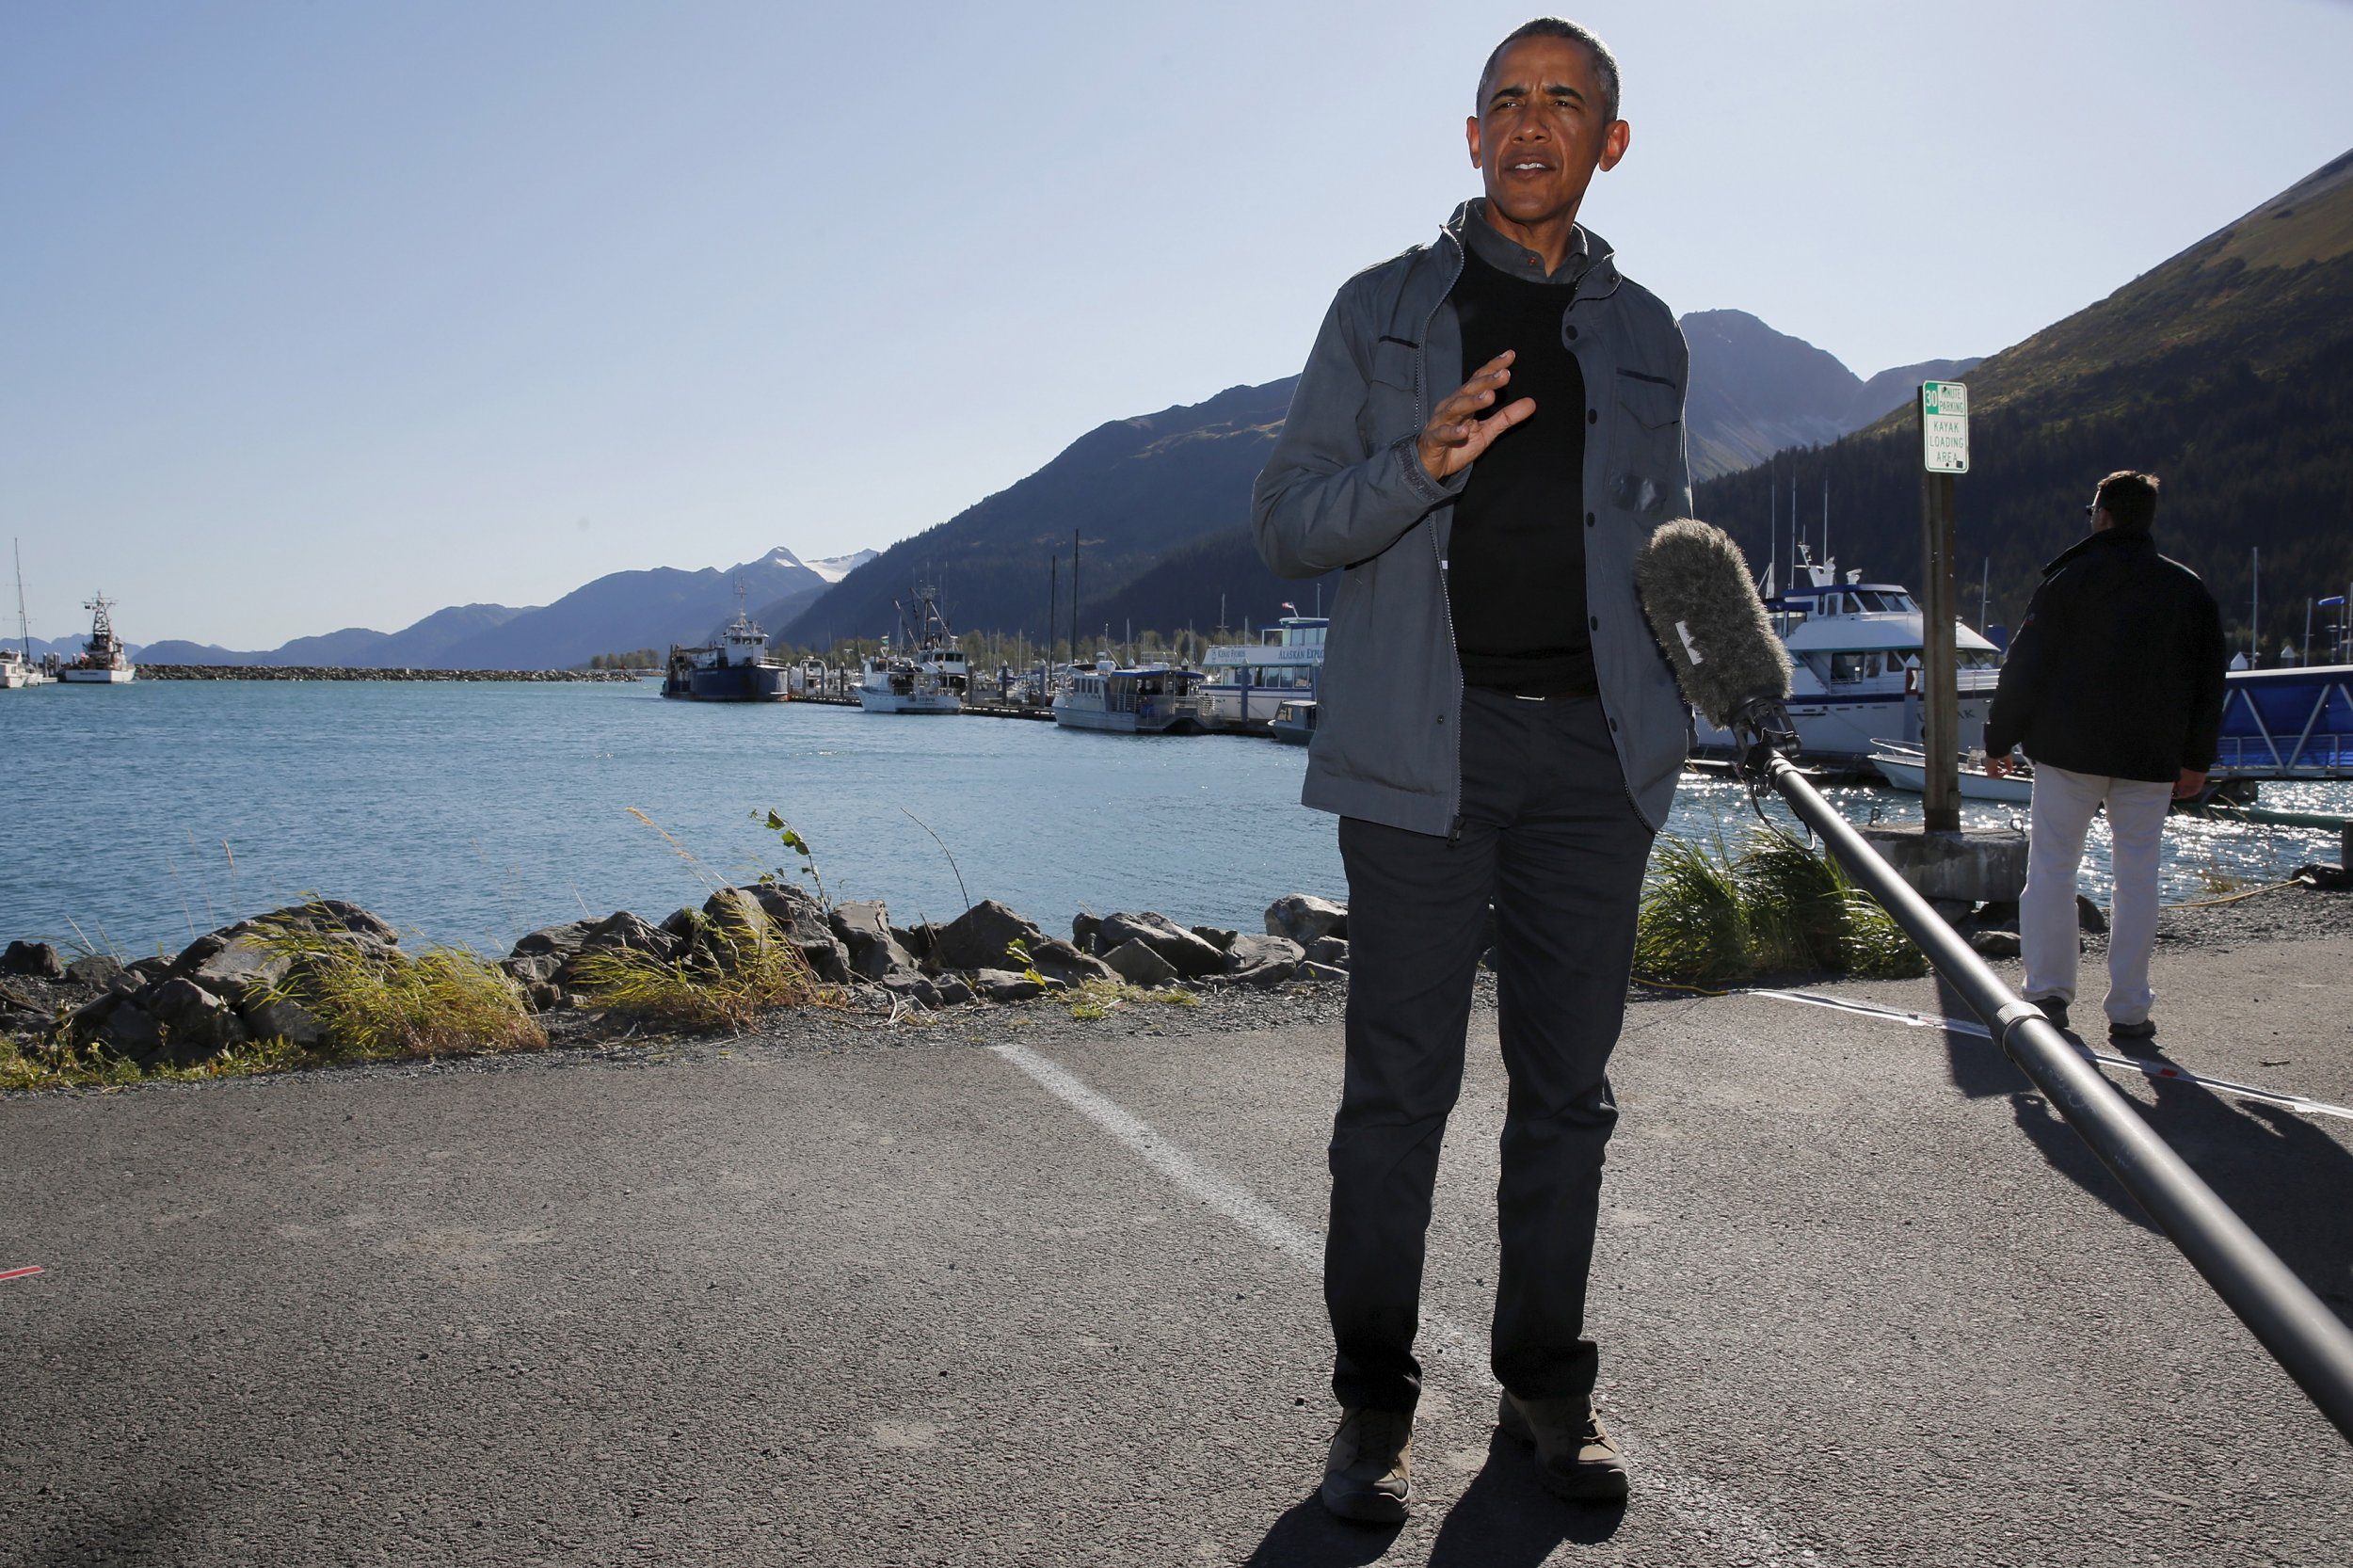 09_03_ObamaClimateChange_01